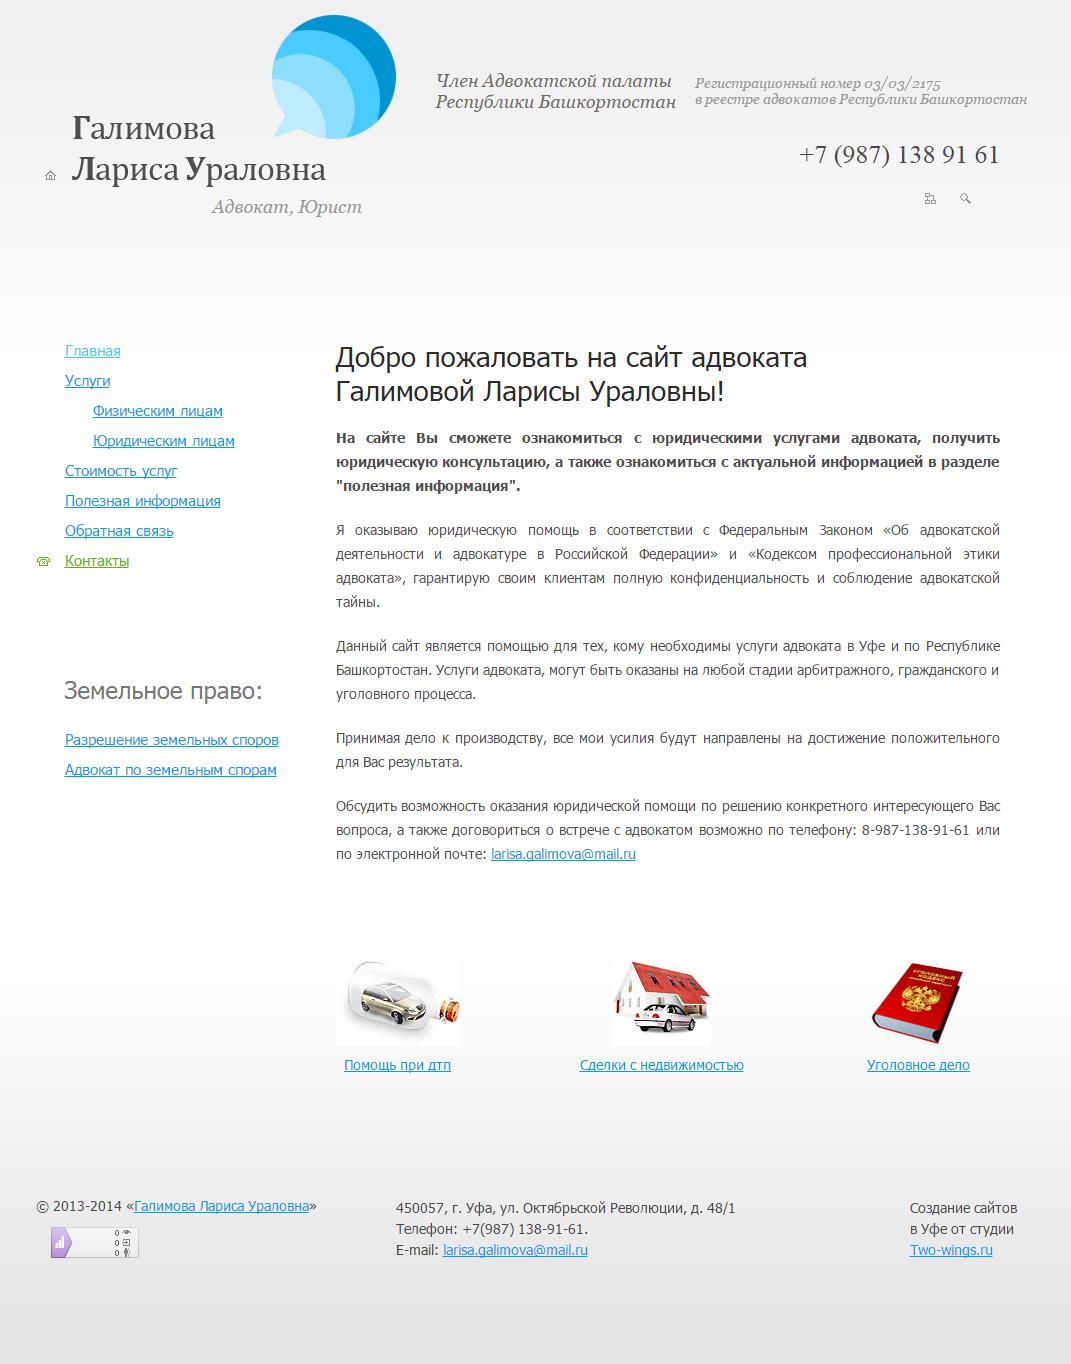 Адвокат Галимова Лариса